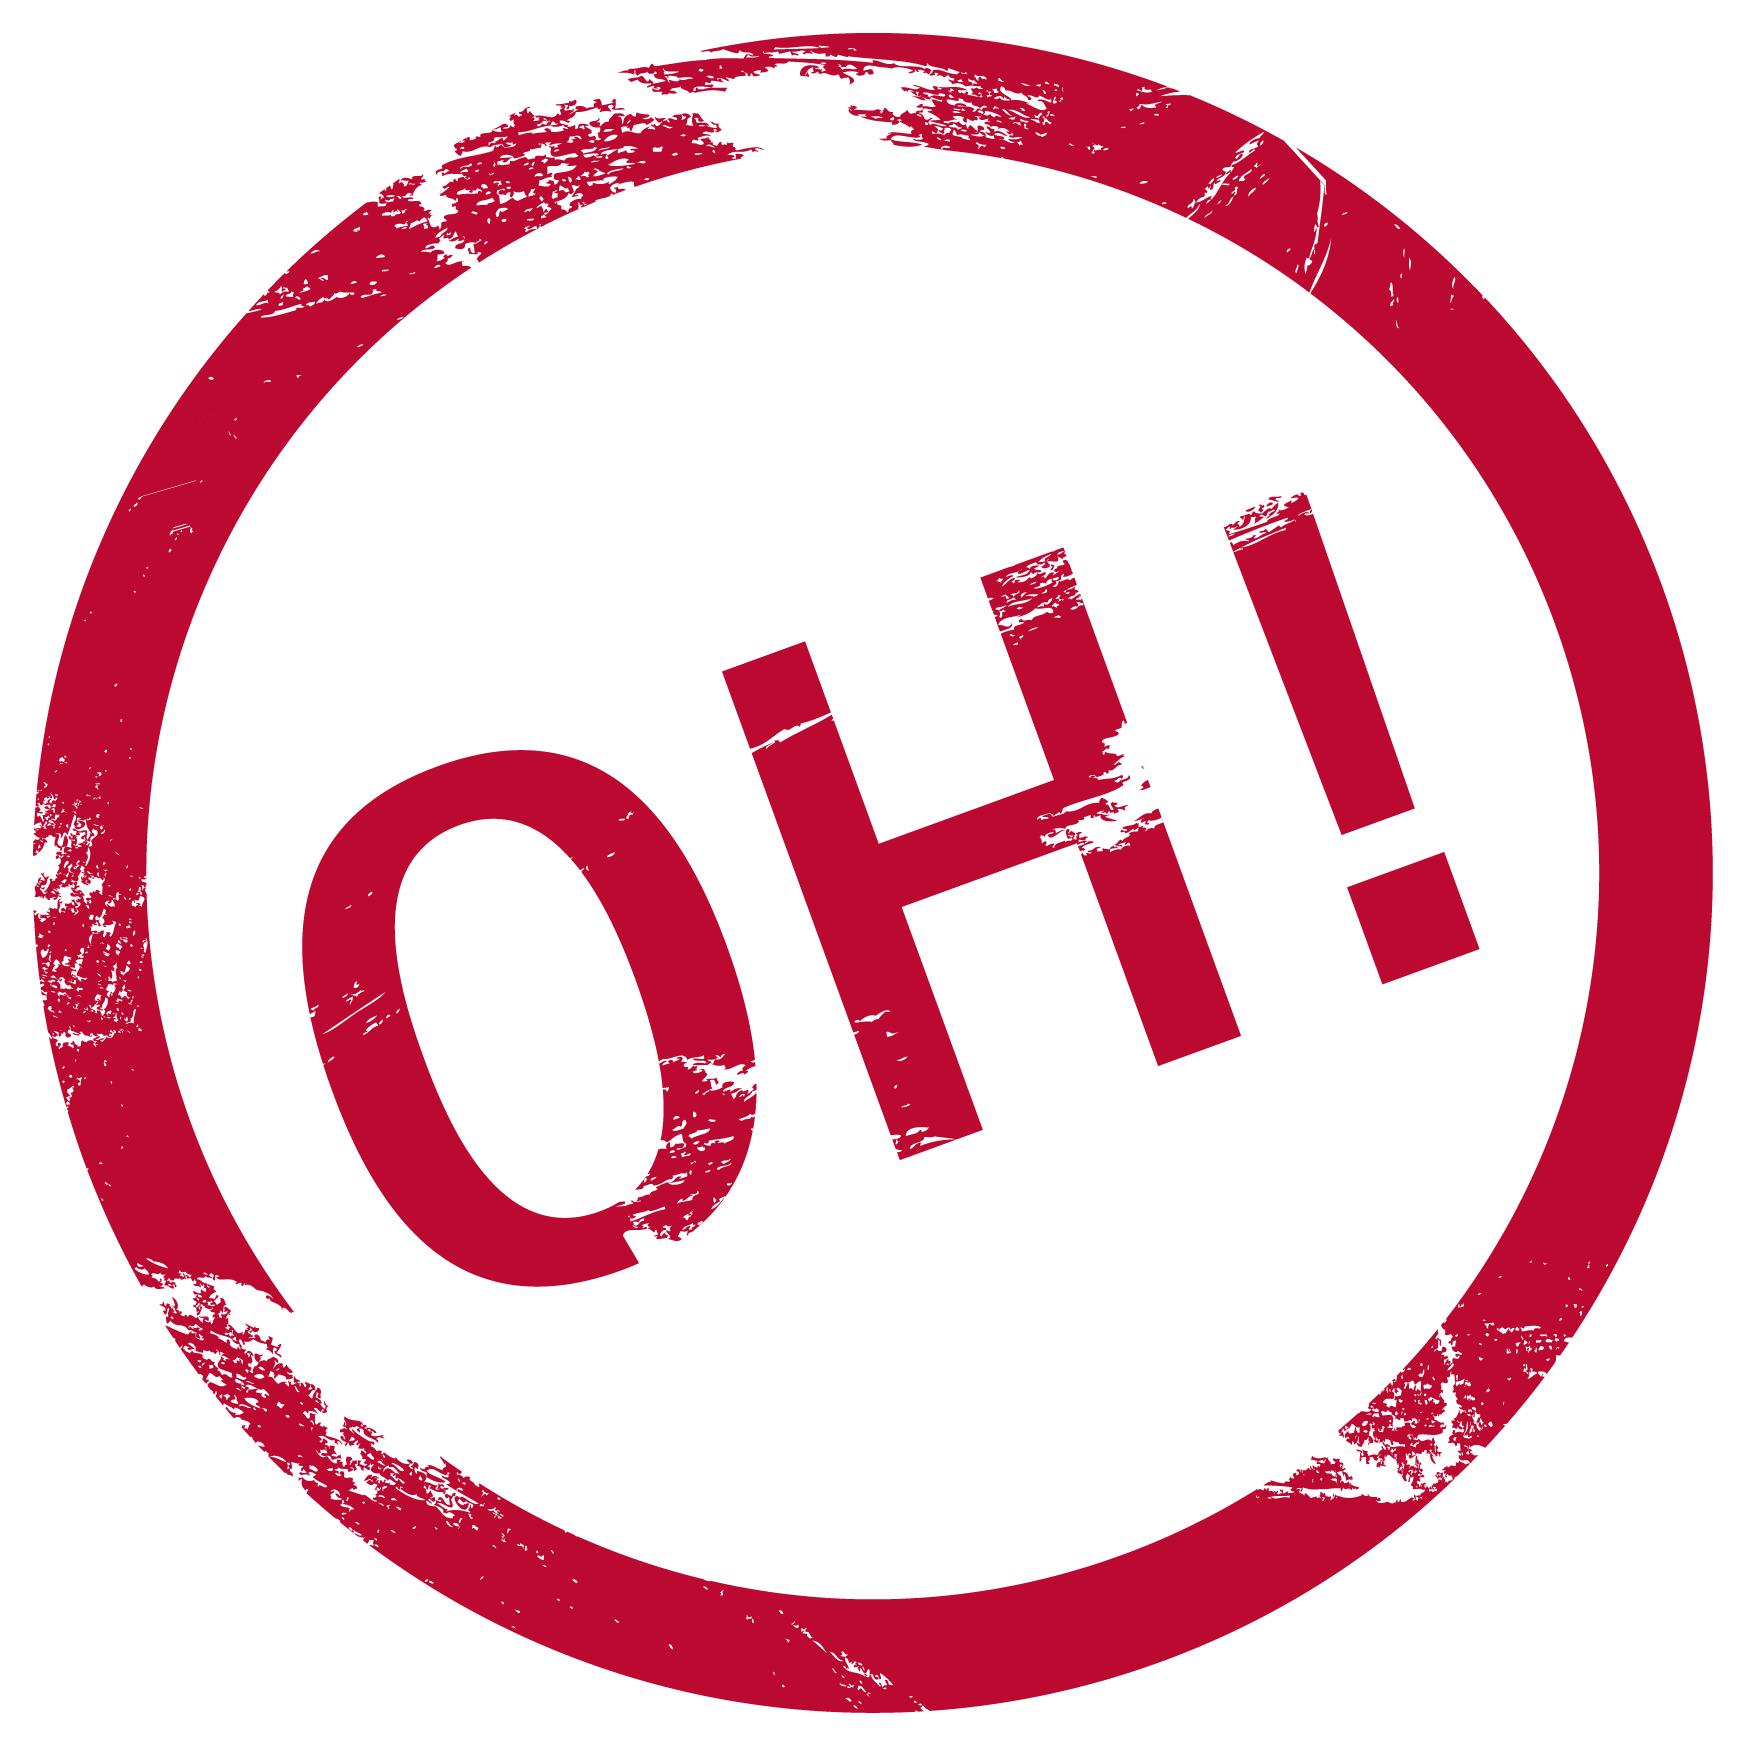 Opernfestspiele Heidenheim 2020 vom 29. Mai bis 2. August werden nicht stattfinden